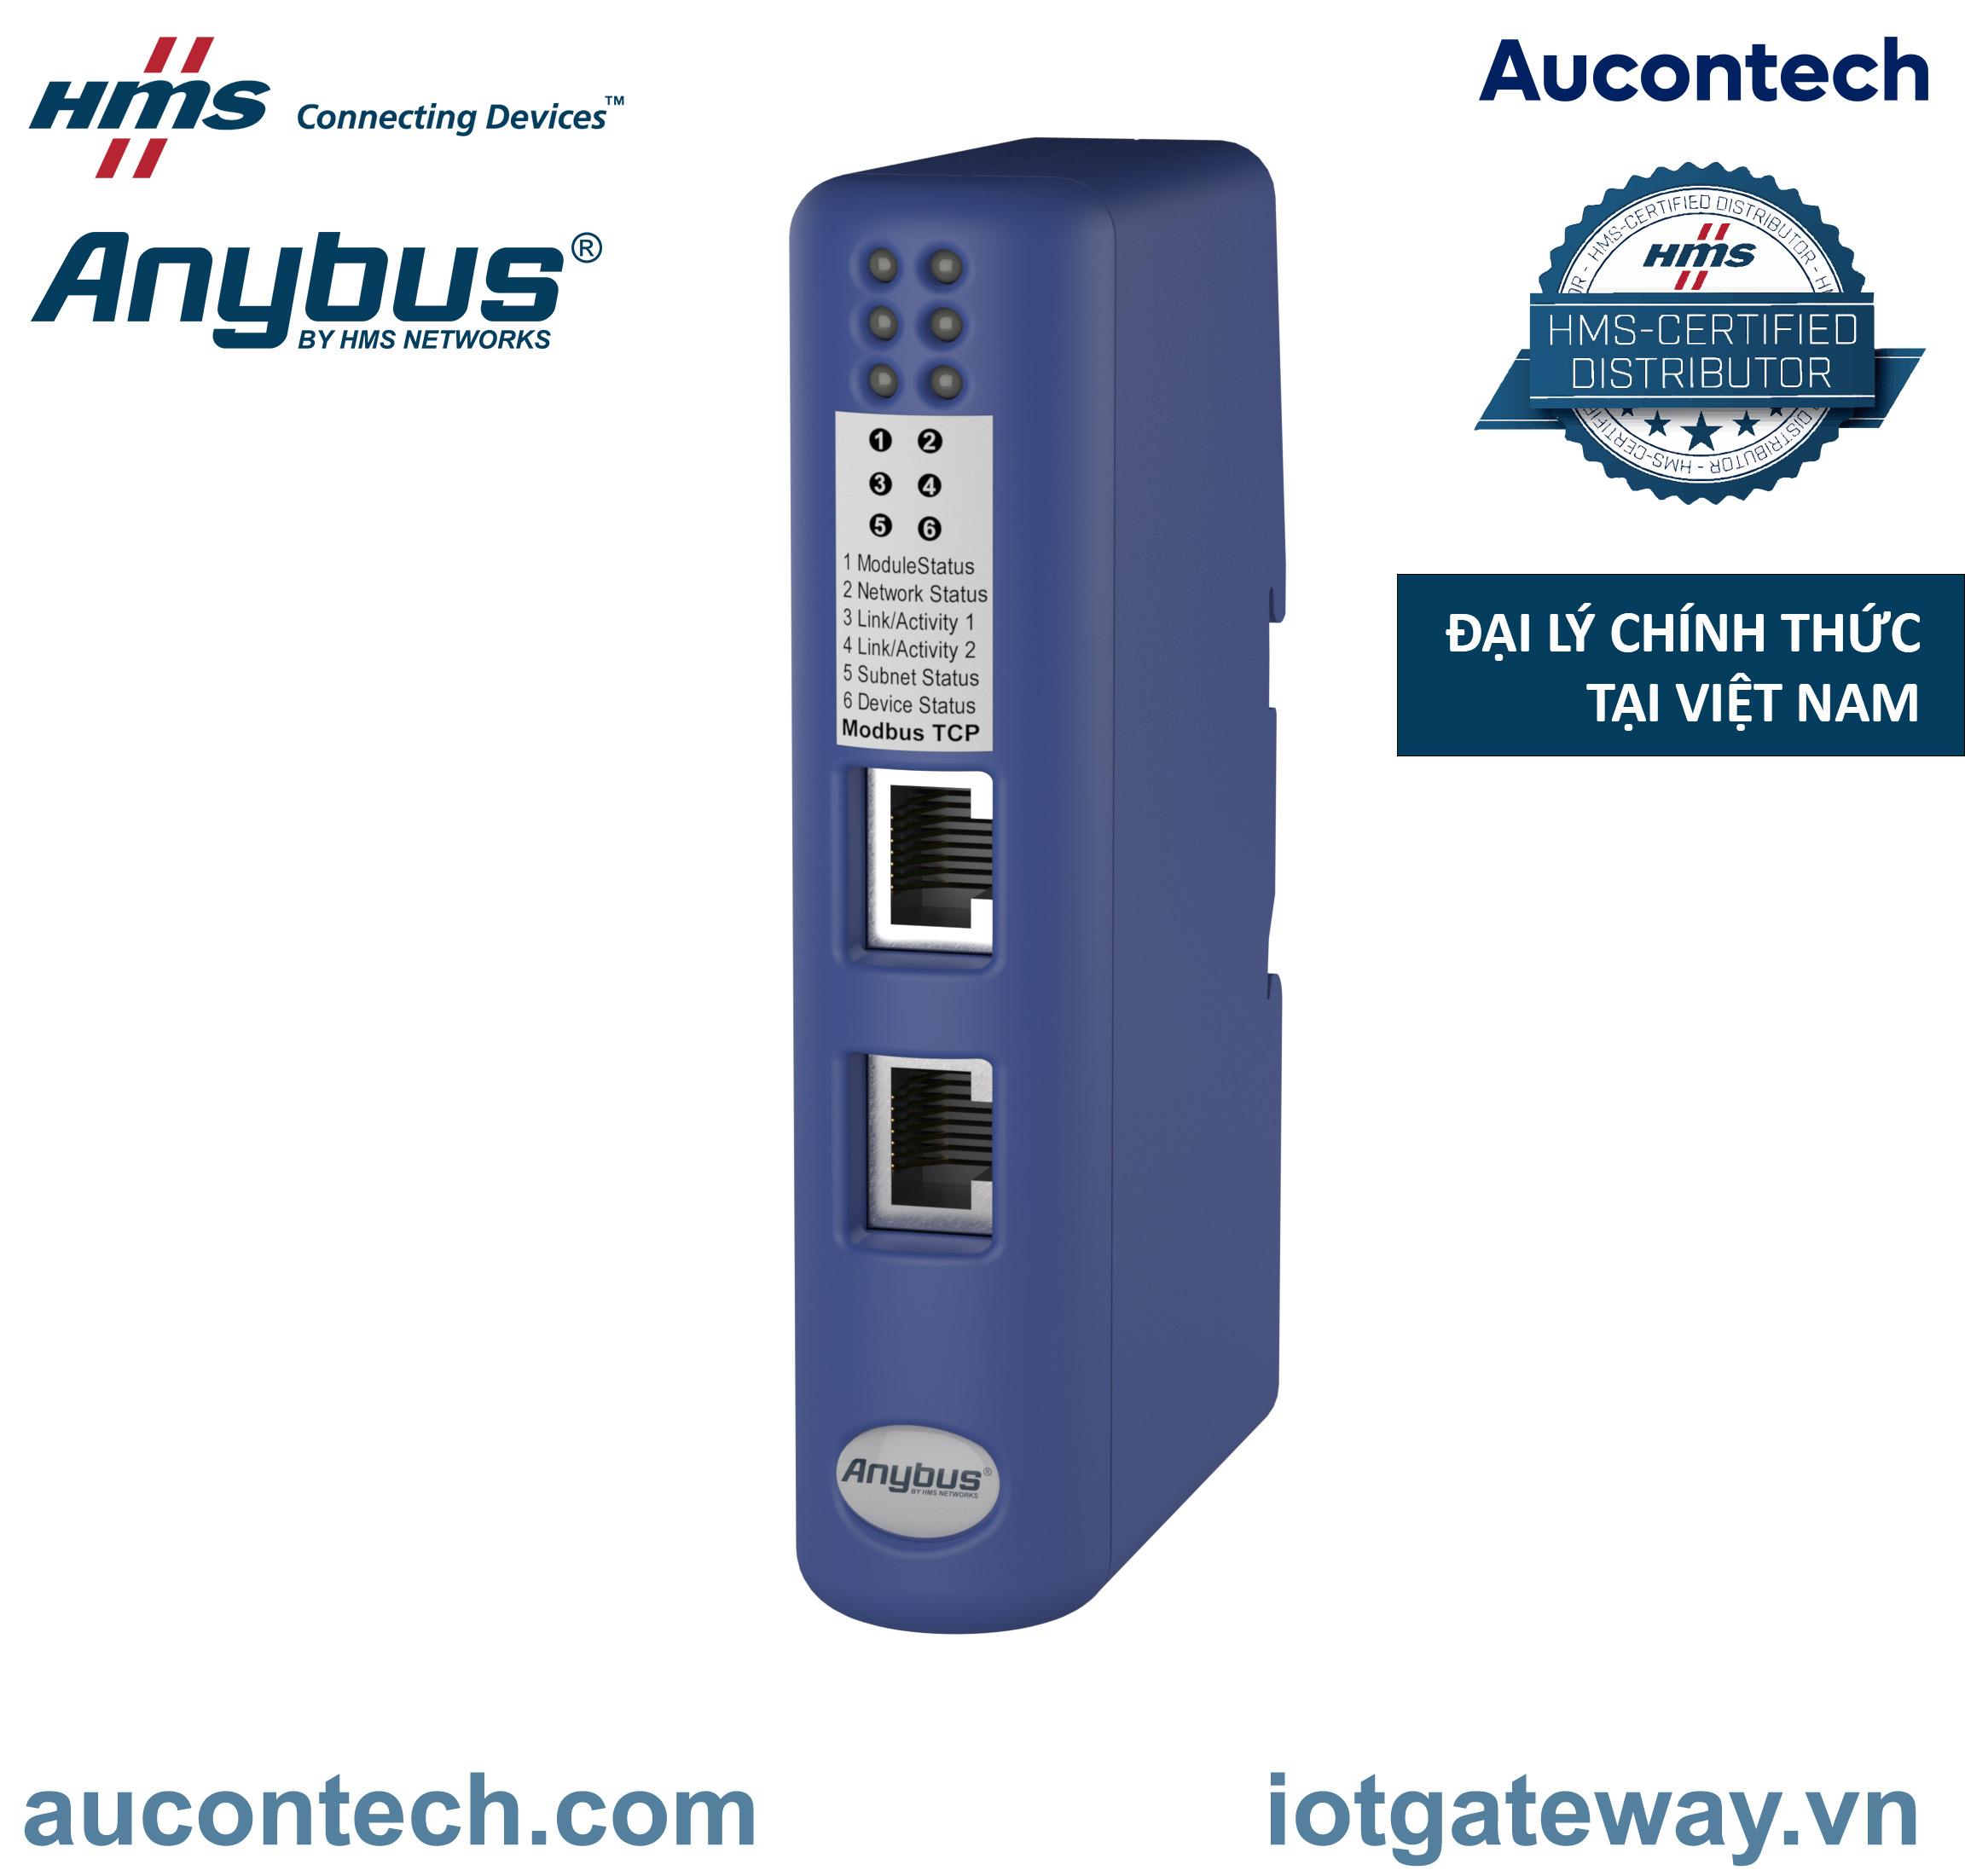 AB7319 - Bộ chuyển đổi giao thức CAN - Modbus TCP -  Anybus Communicator CAN - Modbus TCP